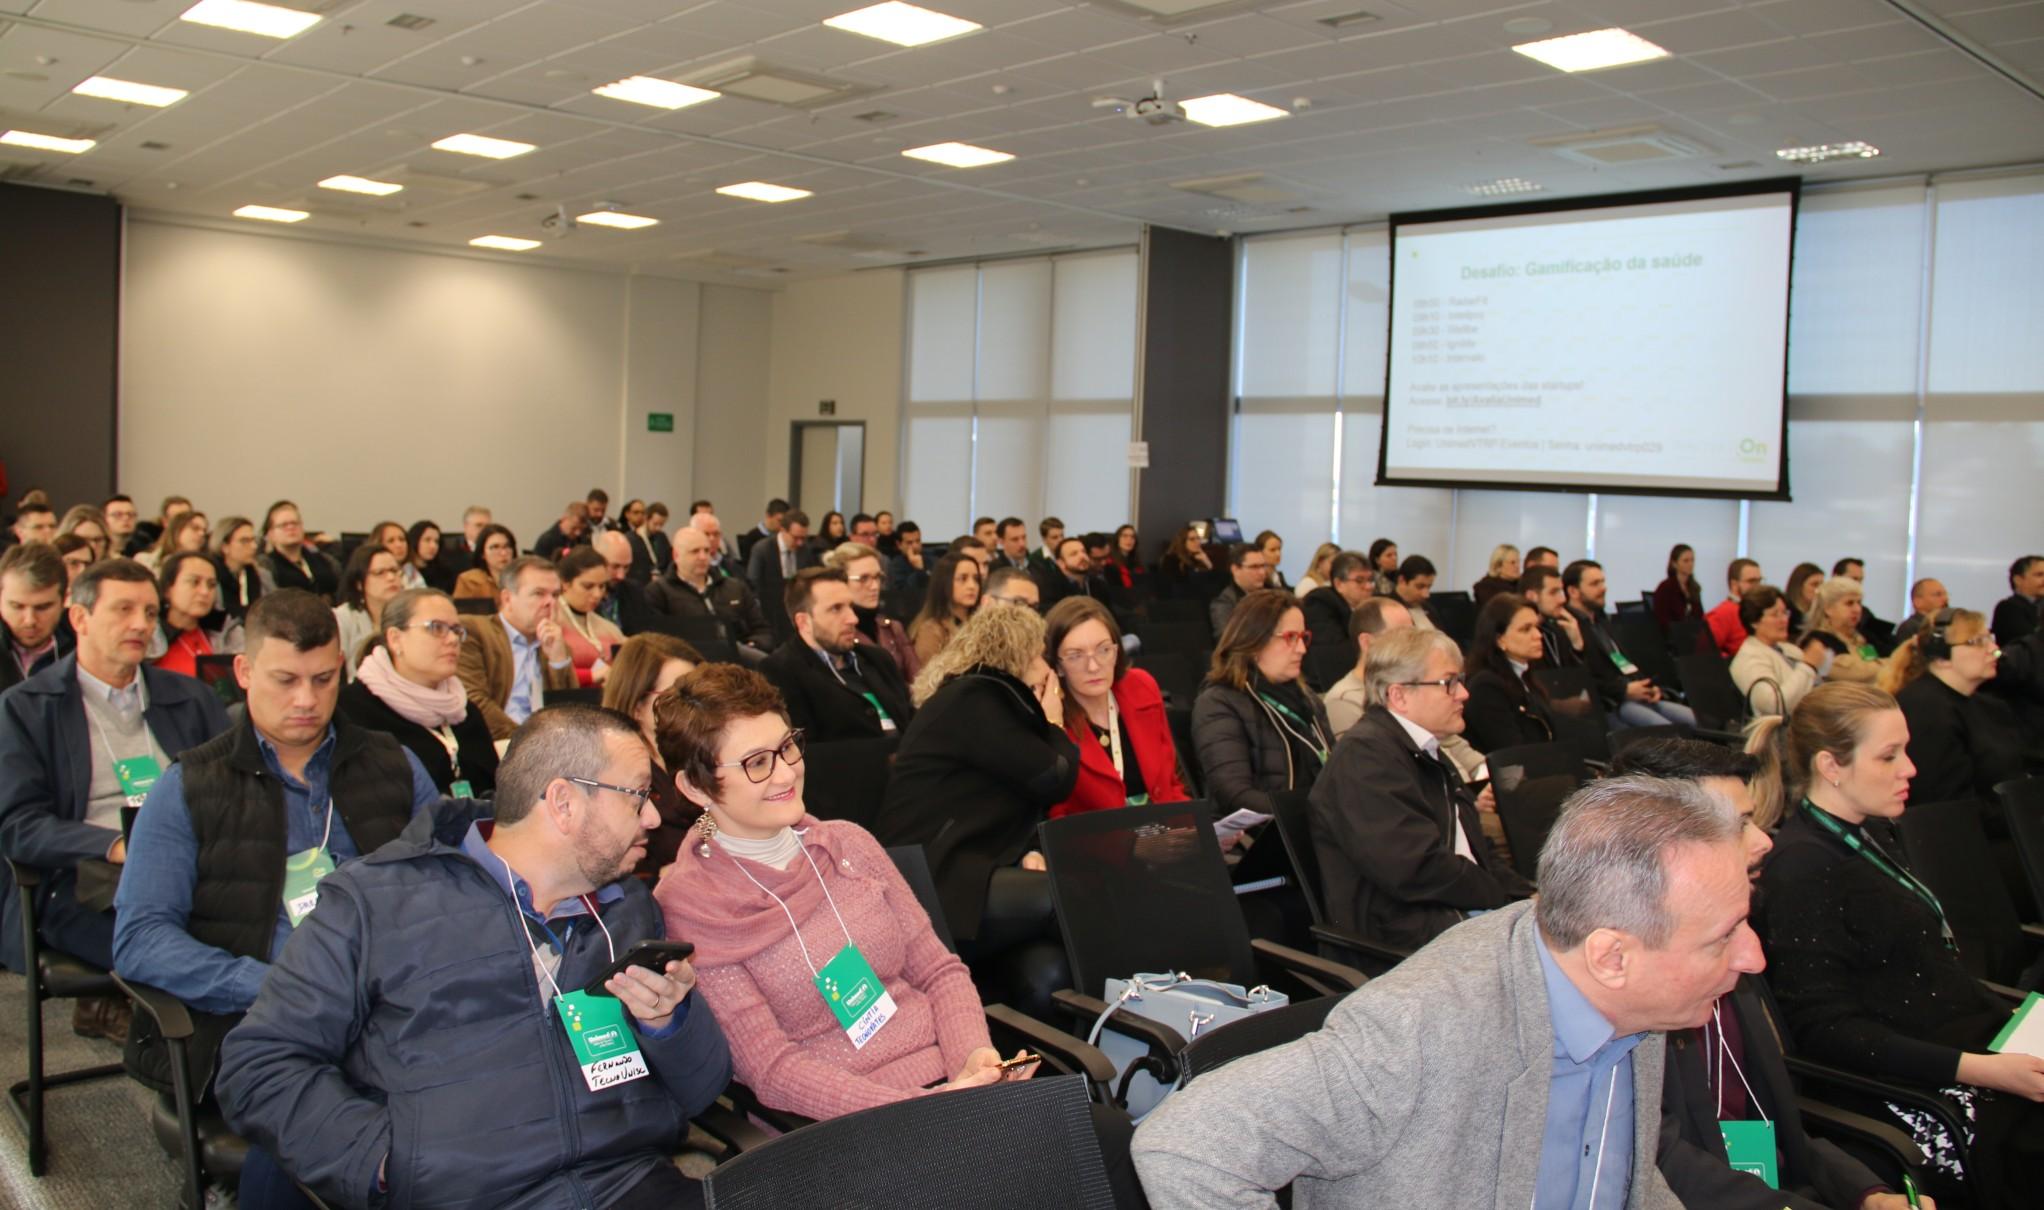 Imagem mostra pessoas assistindo o projeto Innovation Unimed